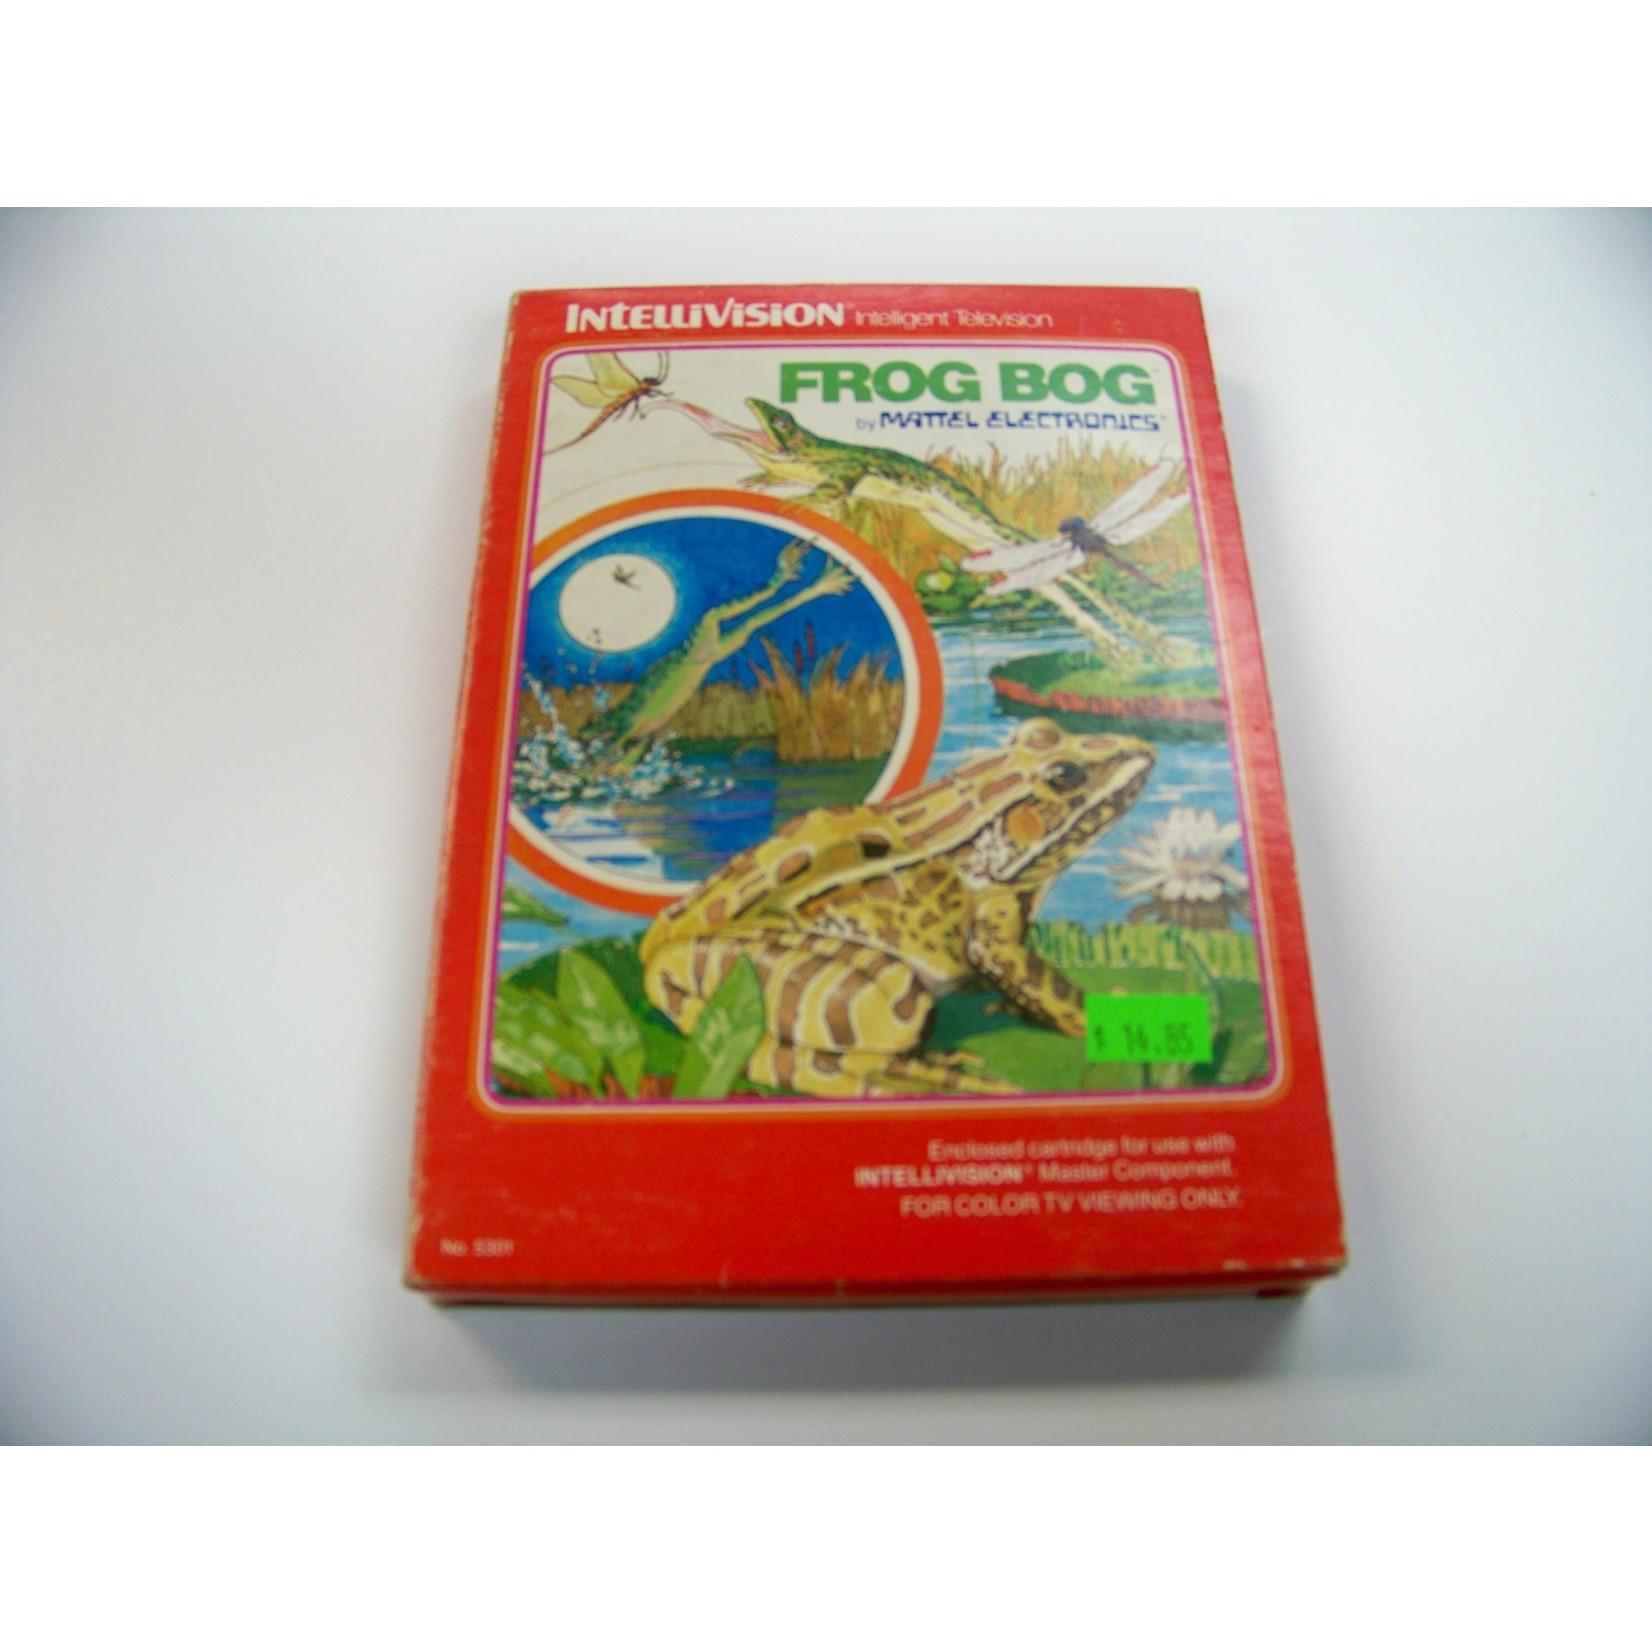 itvu-Frog Bog (complete)